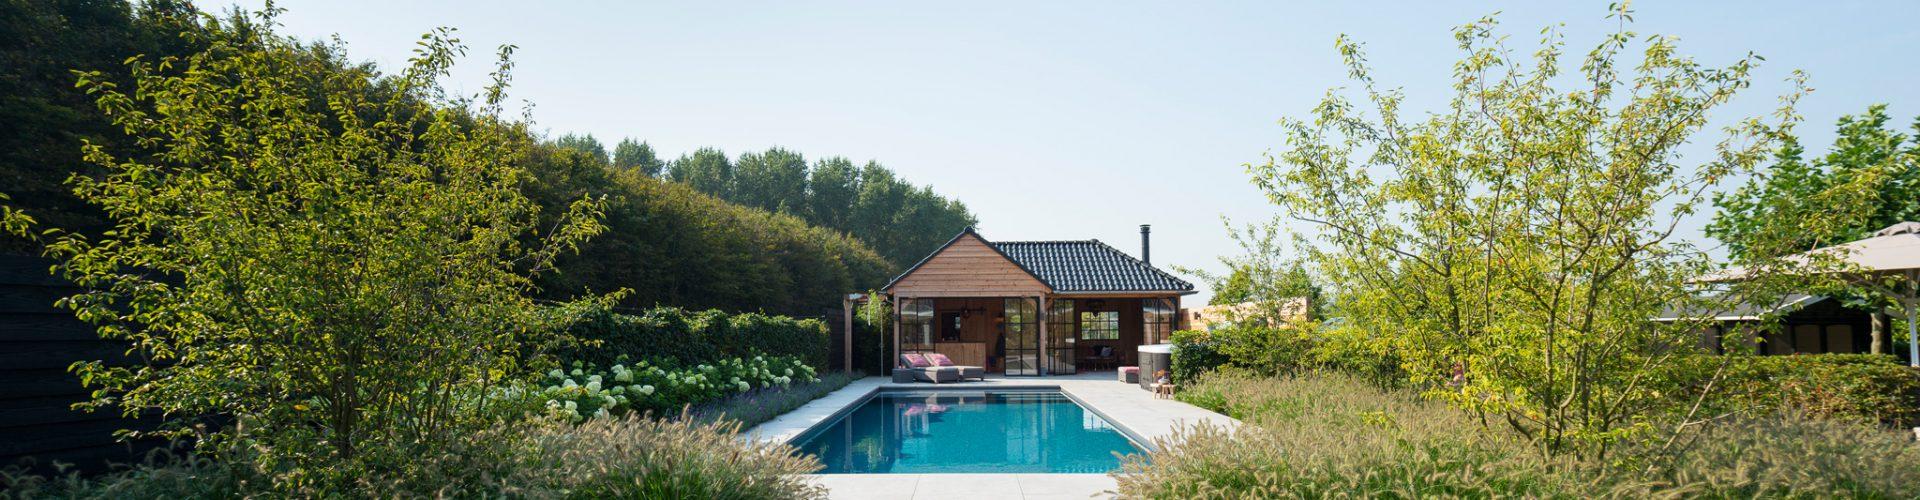 Thuis een zwembad laten aanleggen